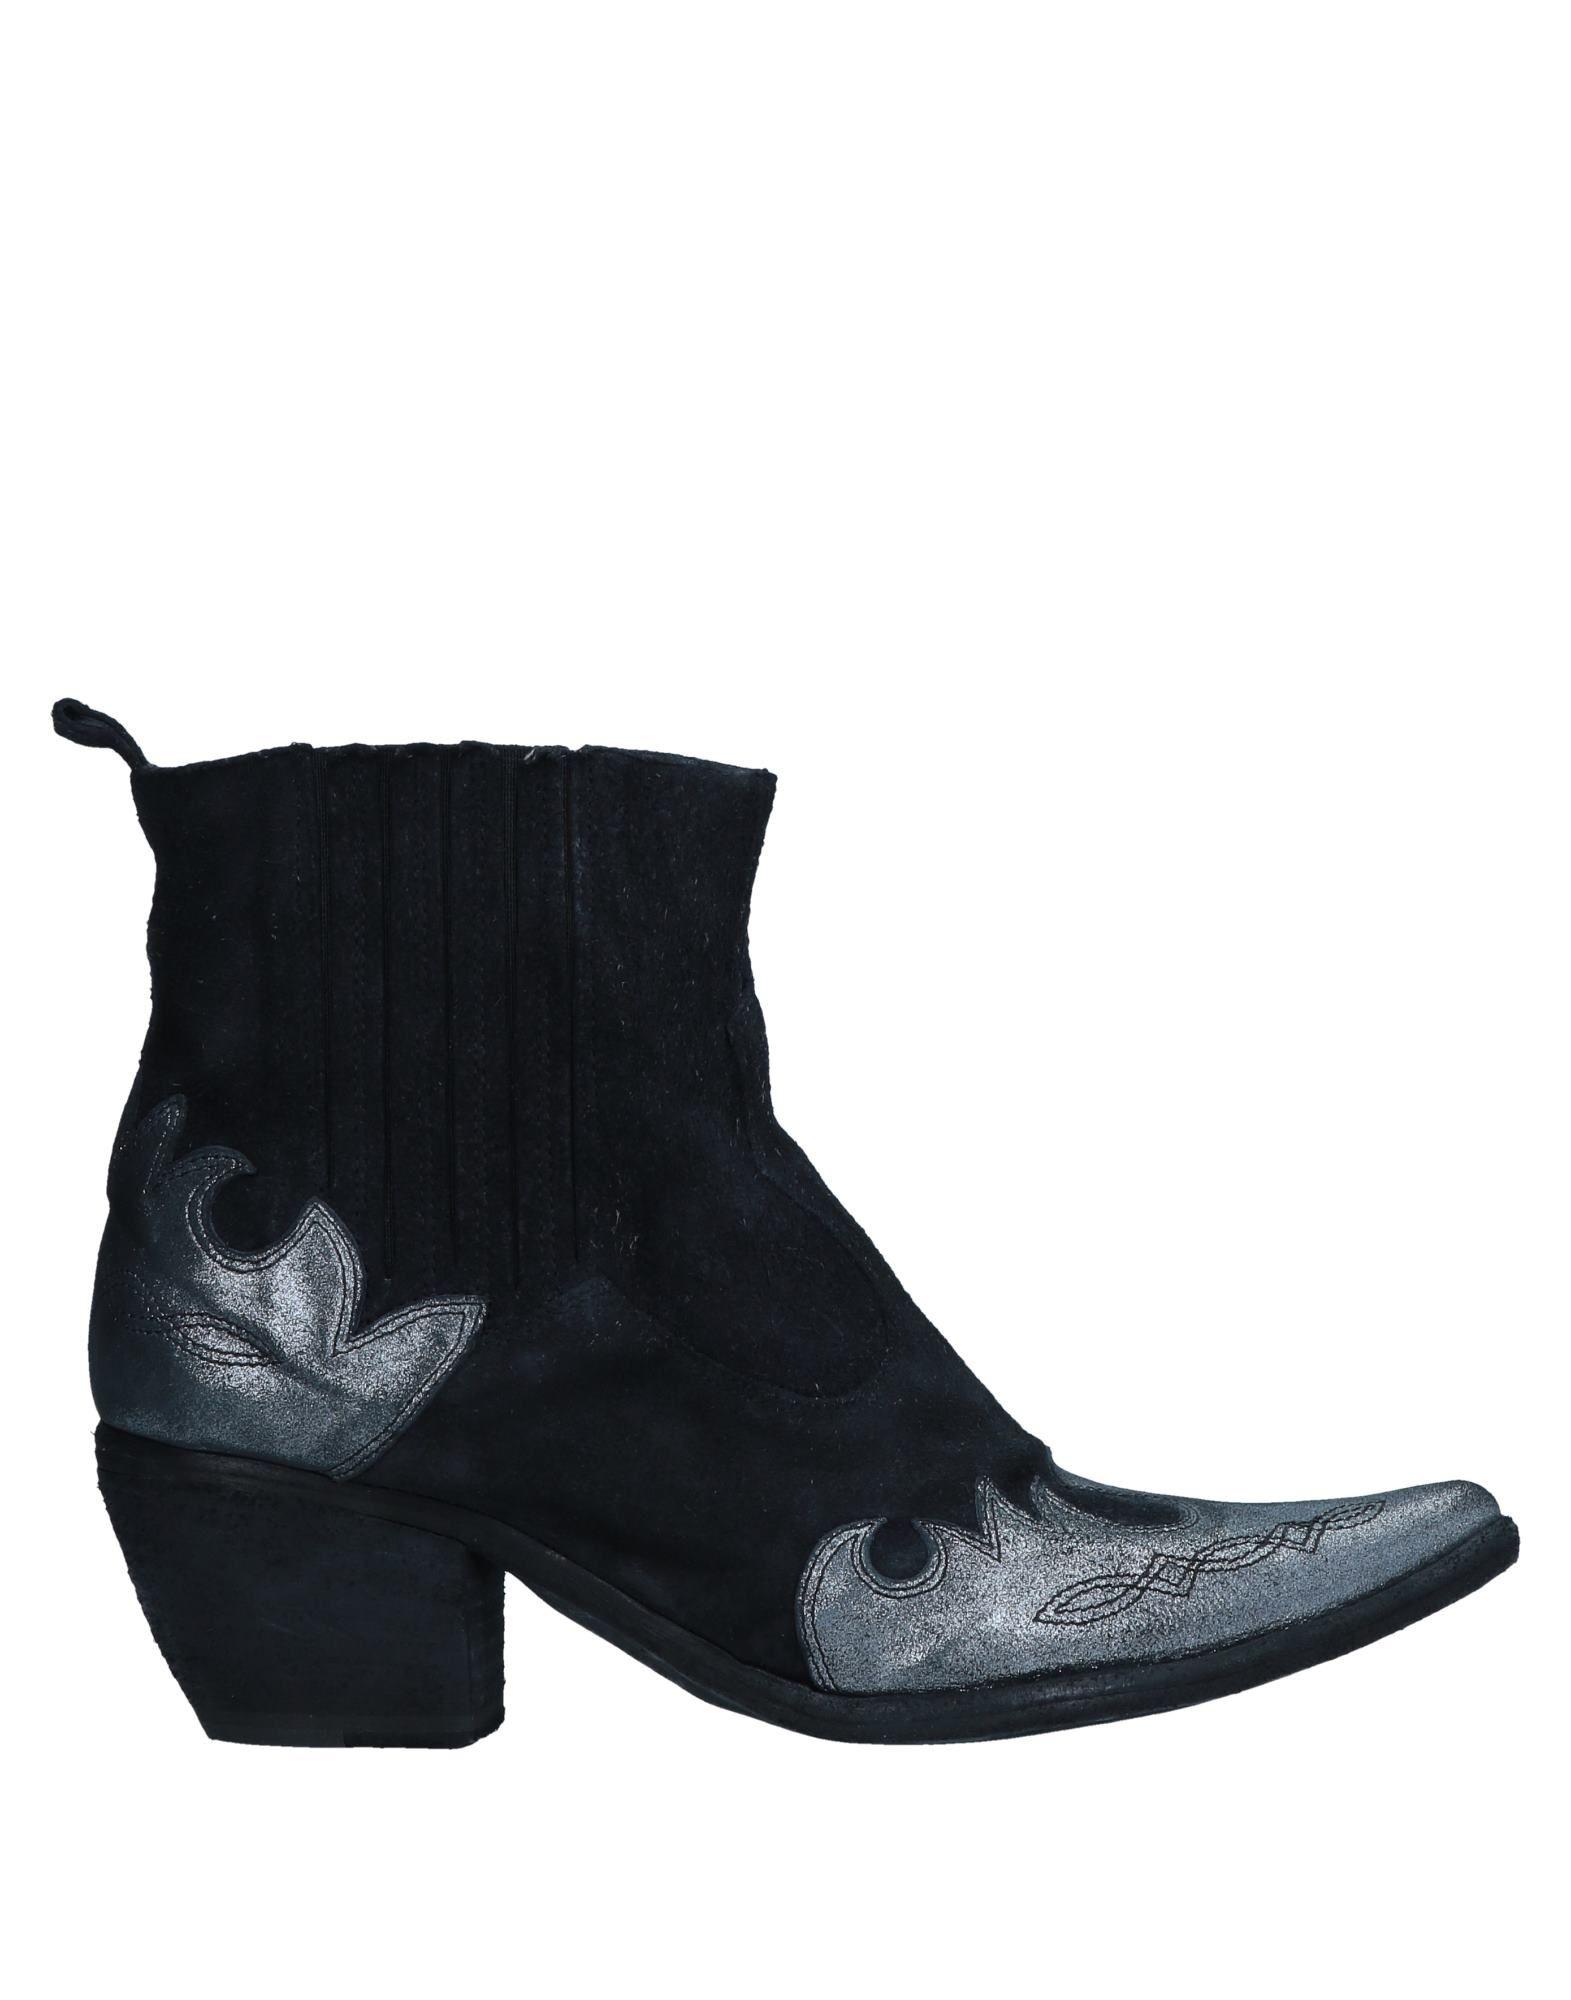 Fauzian Jeunesse Chelsea Boots Damen  11546112QFGut aussehende strapazierfähige Schuhe